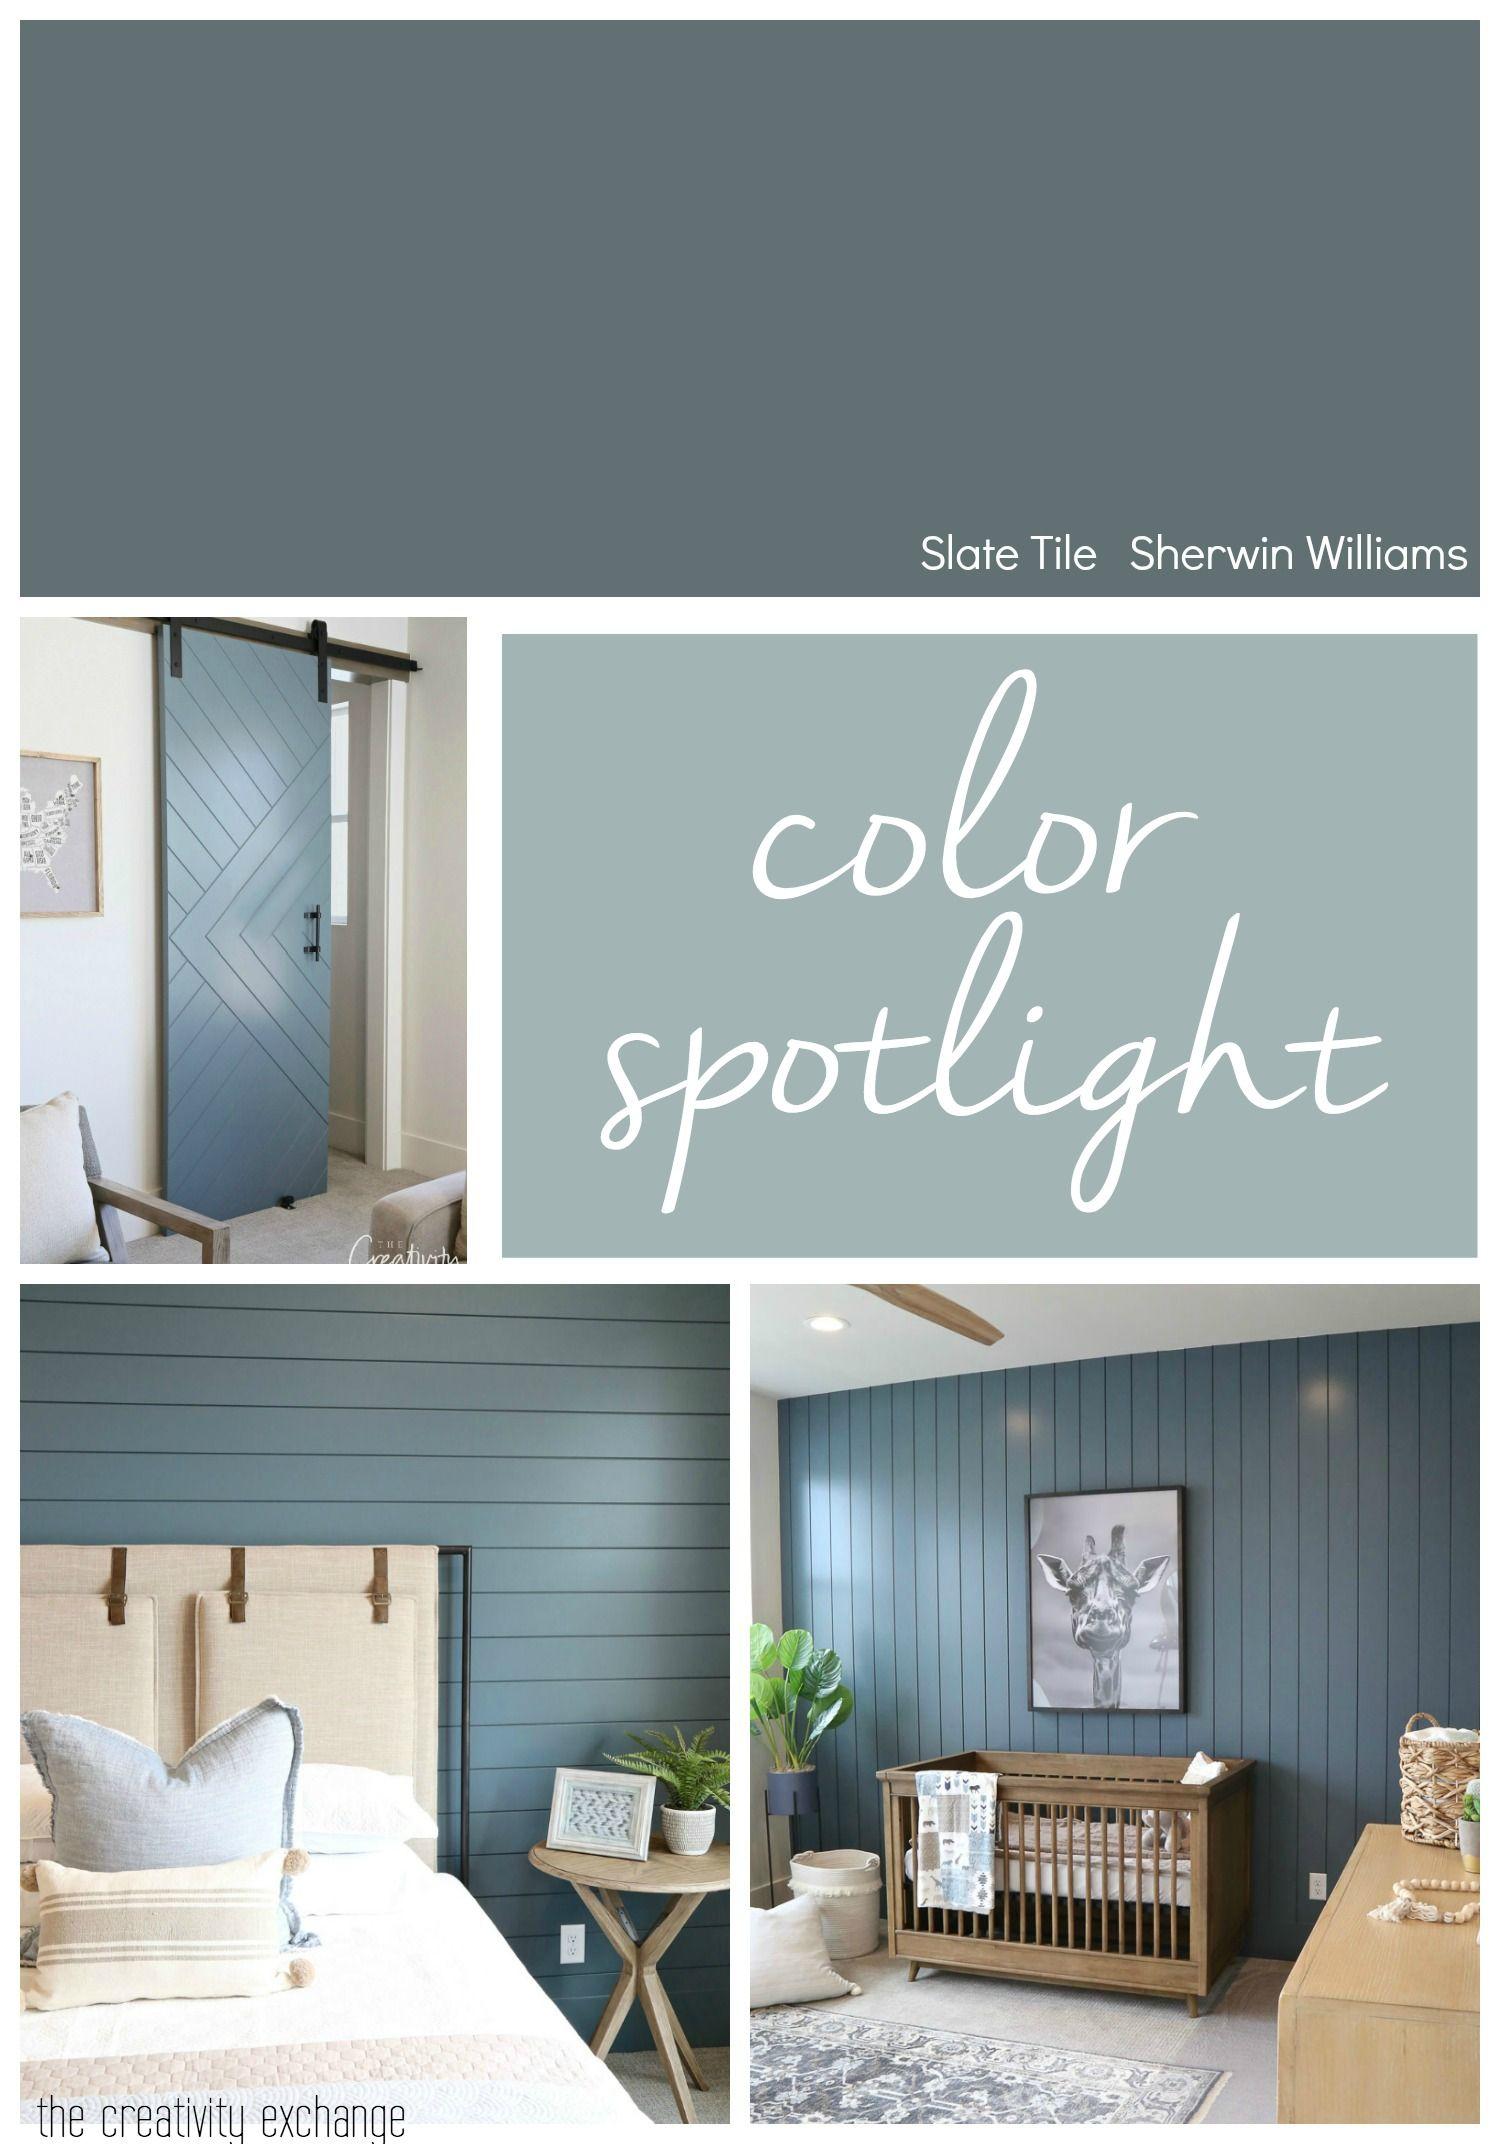 Sherwin Williams Slate Tile: Color Spotlight